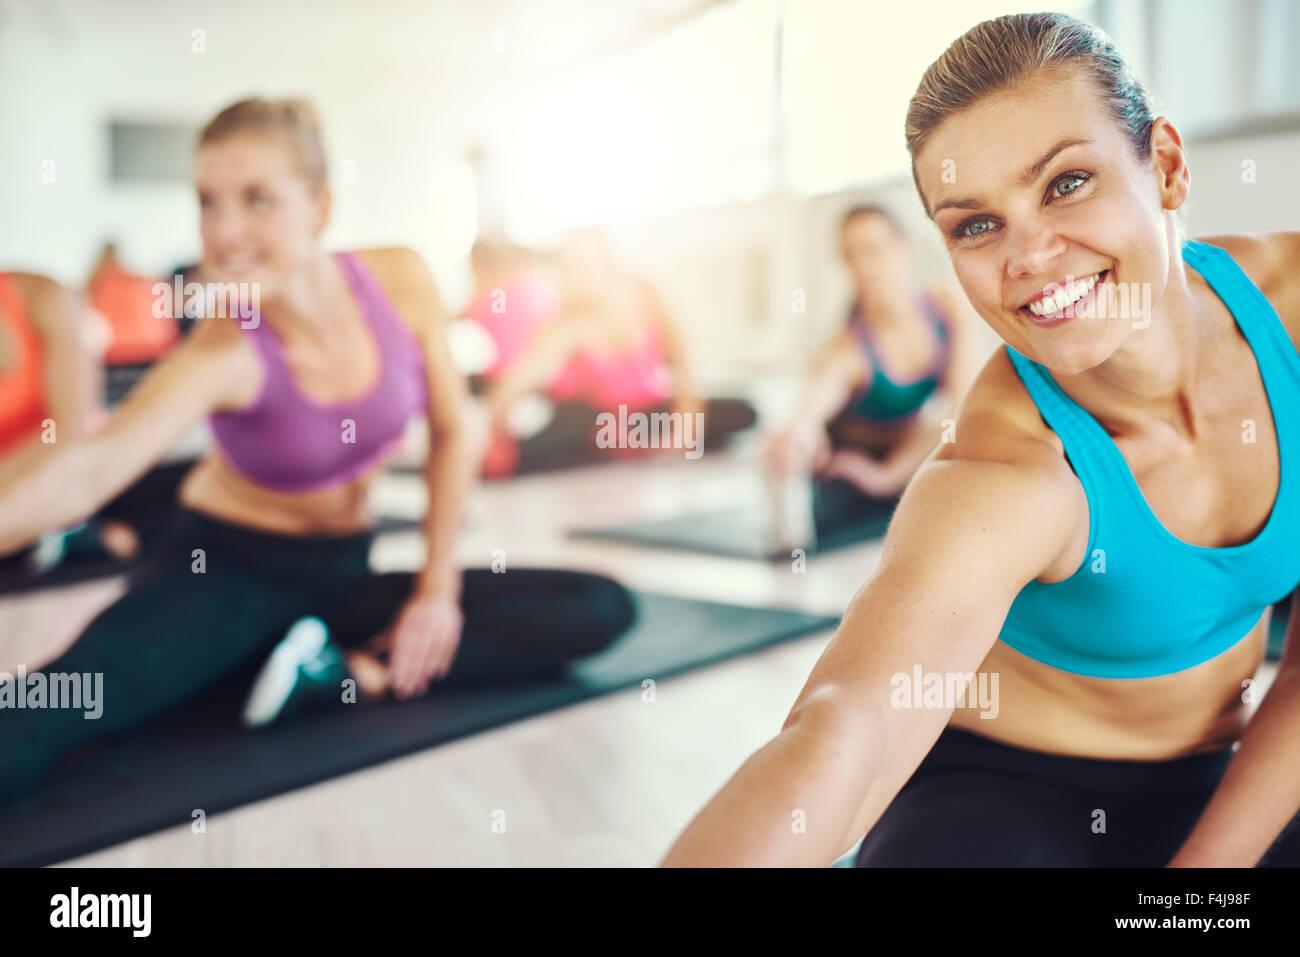 Montar y mujer sana en una clase de gimnasia, colorida ropa deportiva, fitness, aeróbic, deporte concepto Imagen De Stock